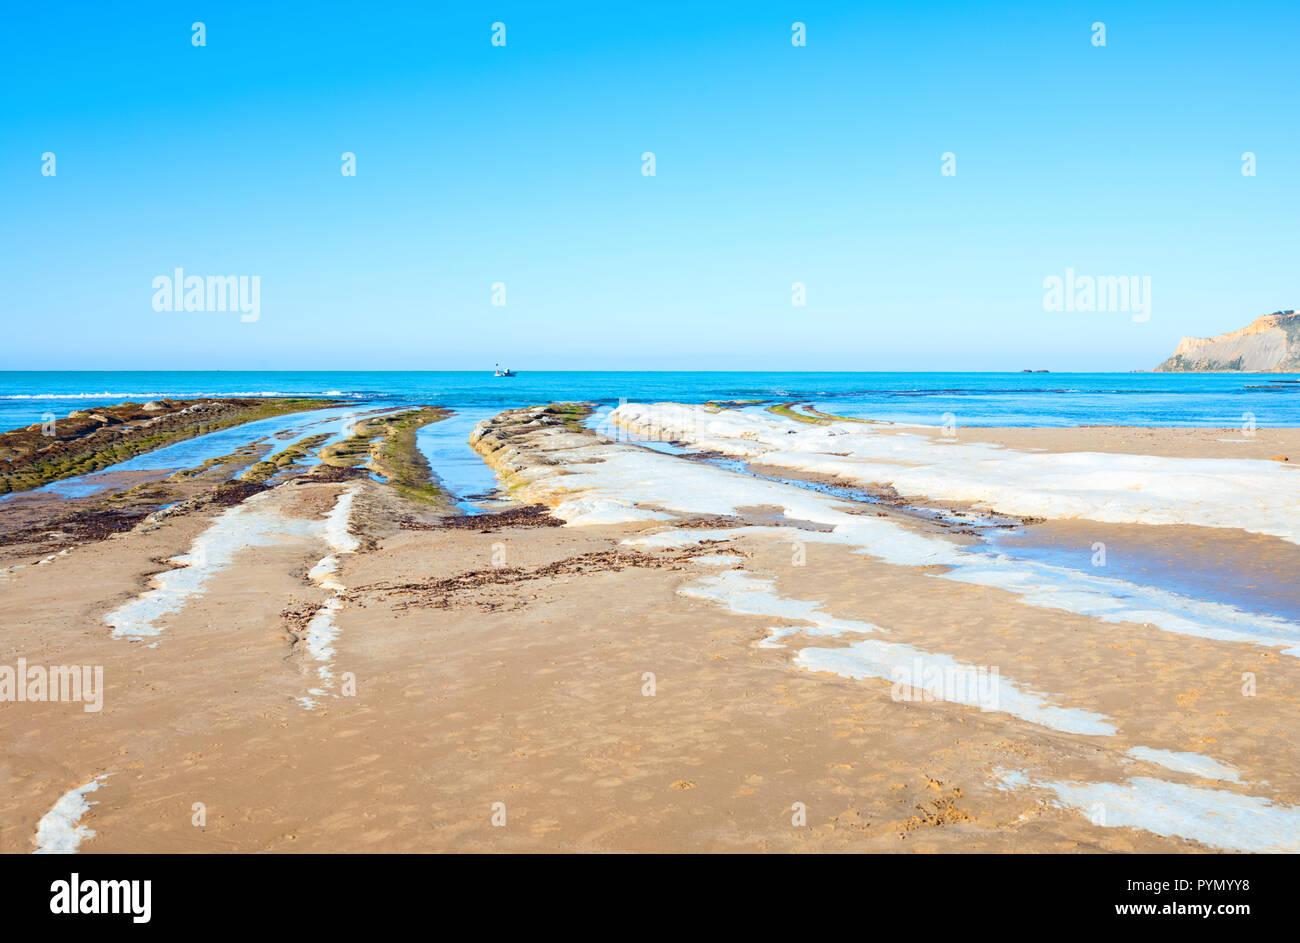 Italien, Sizilien, Realmonte, Ansicht der Majata Strand in der ...